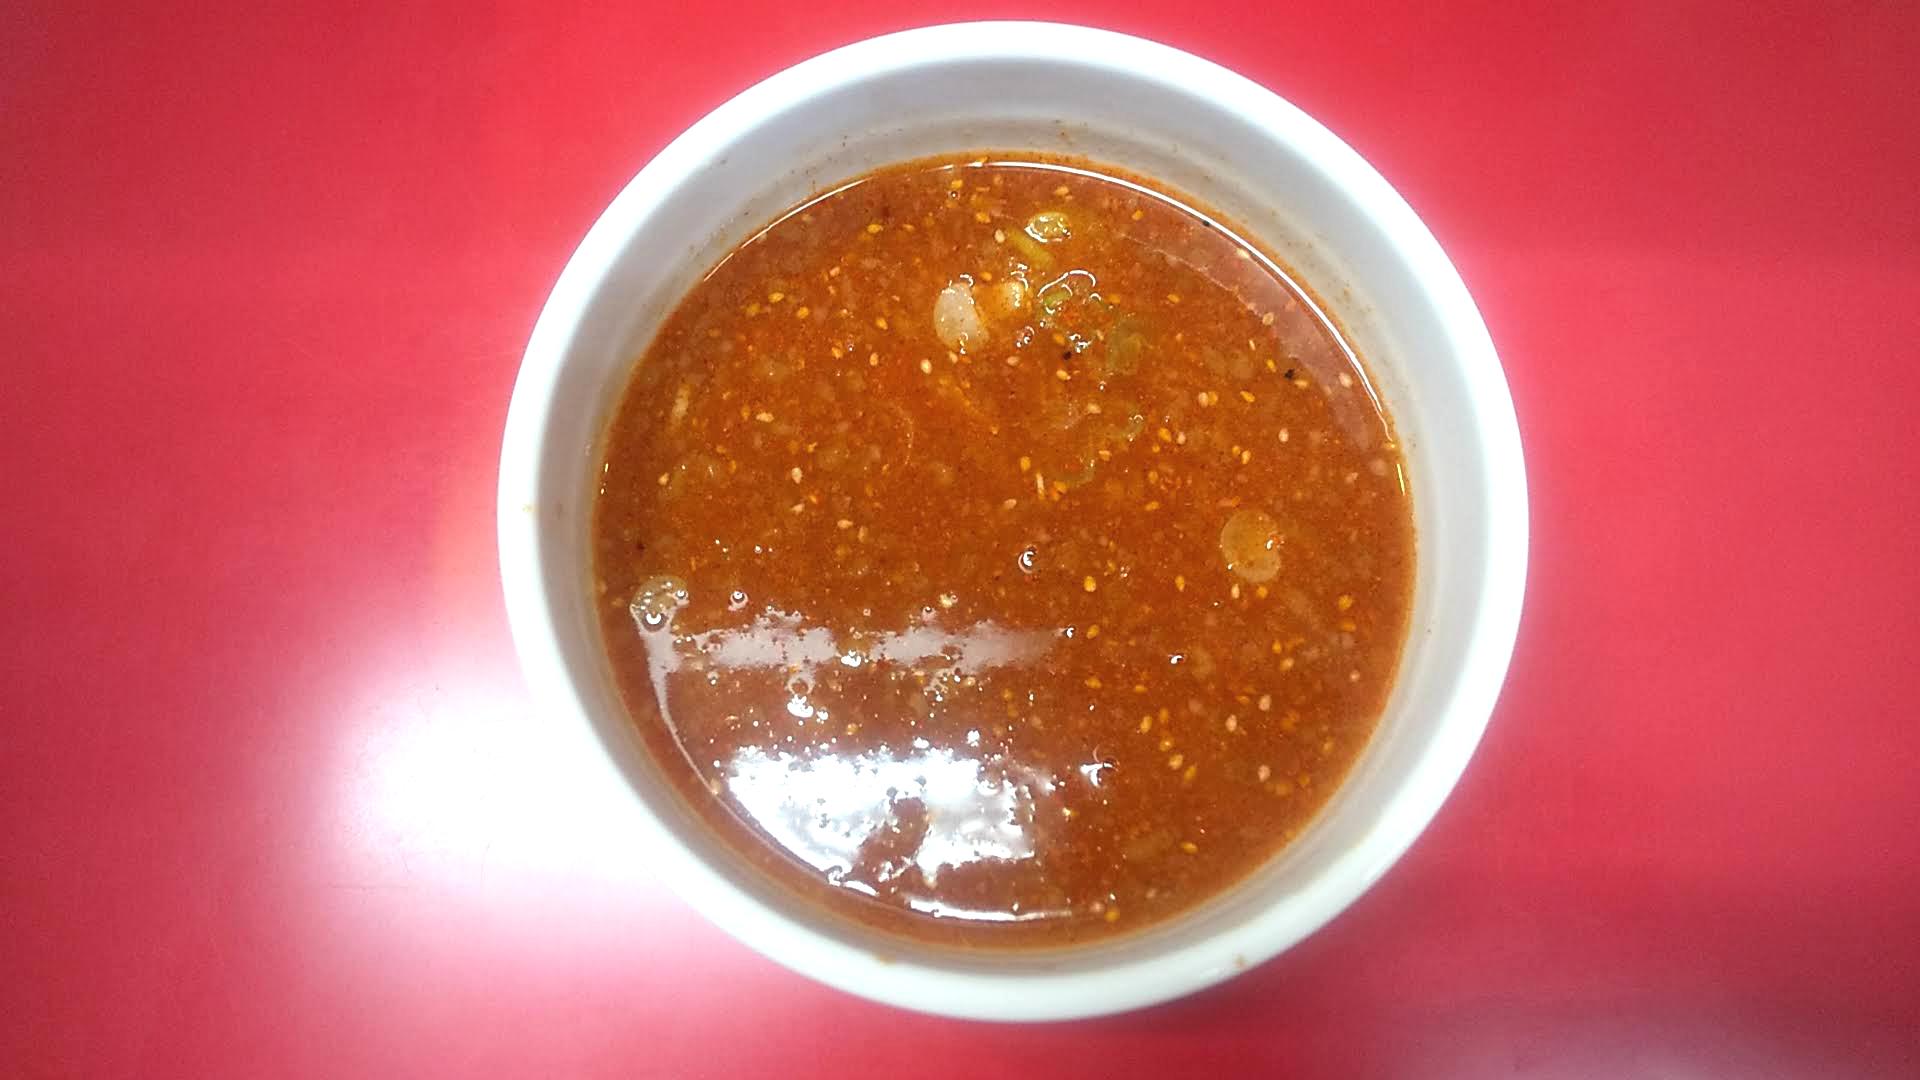 千里眼の胡麻香る辛つけ麺のつけ汁の写真